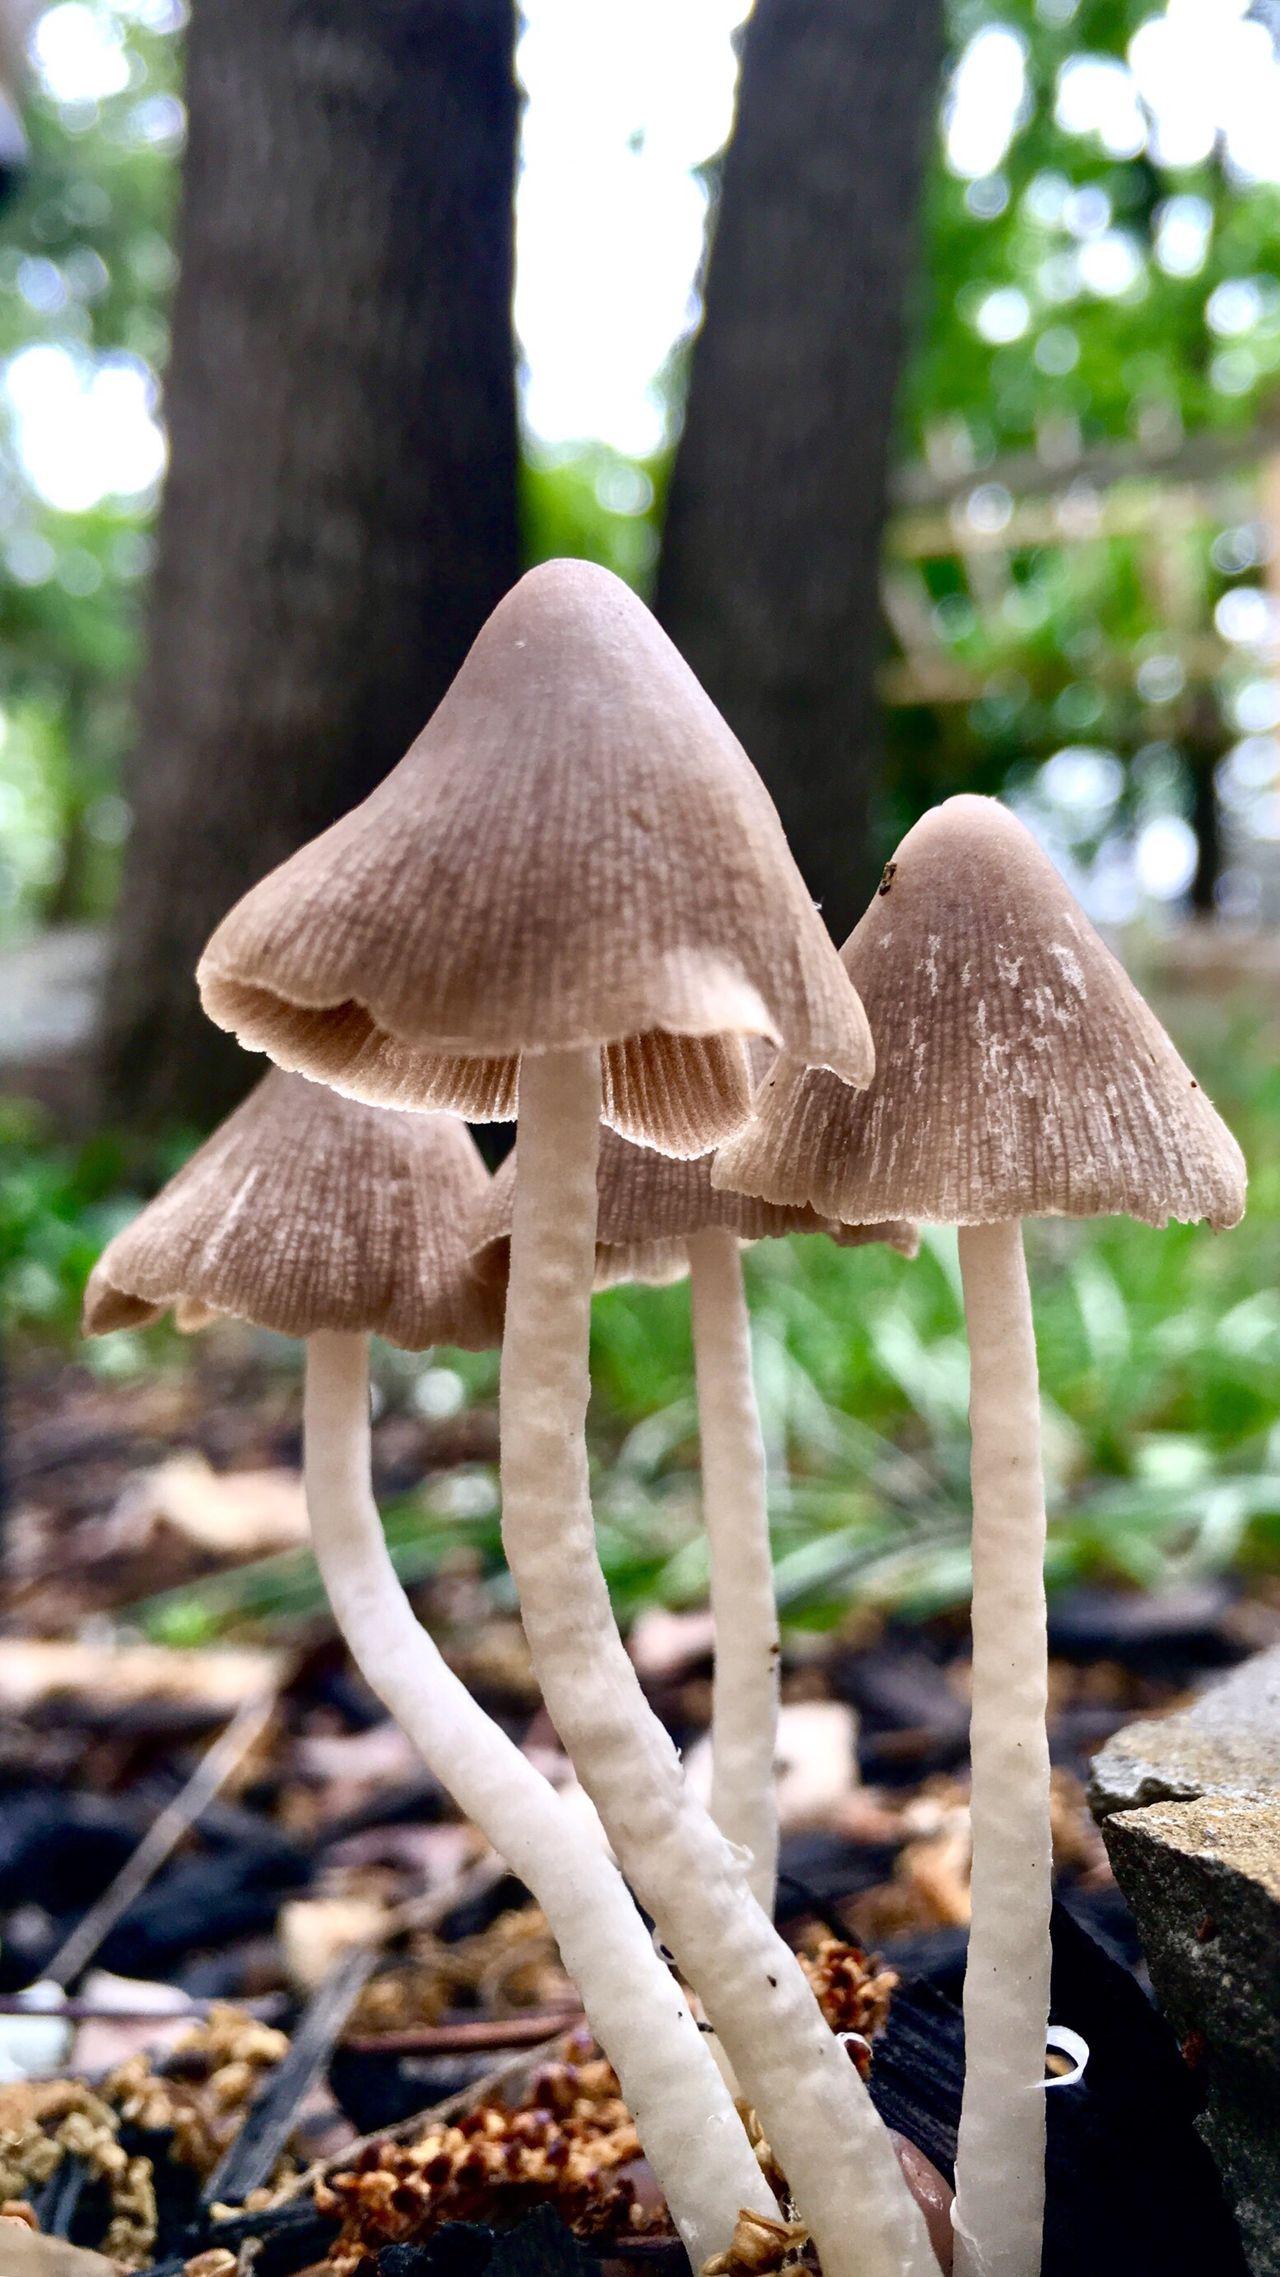 Bloom Mushroom Umbrella Silence After Rain